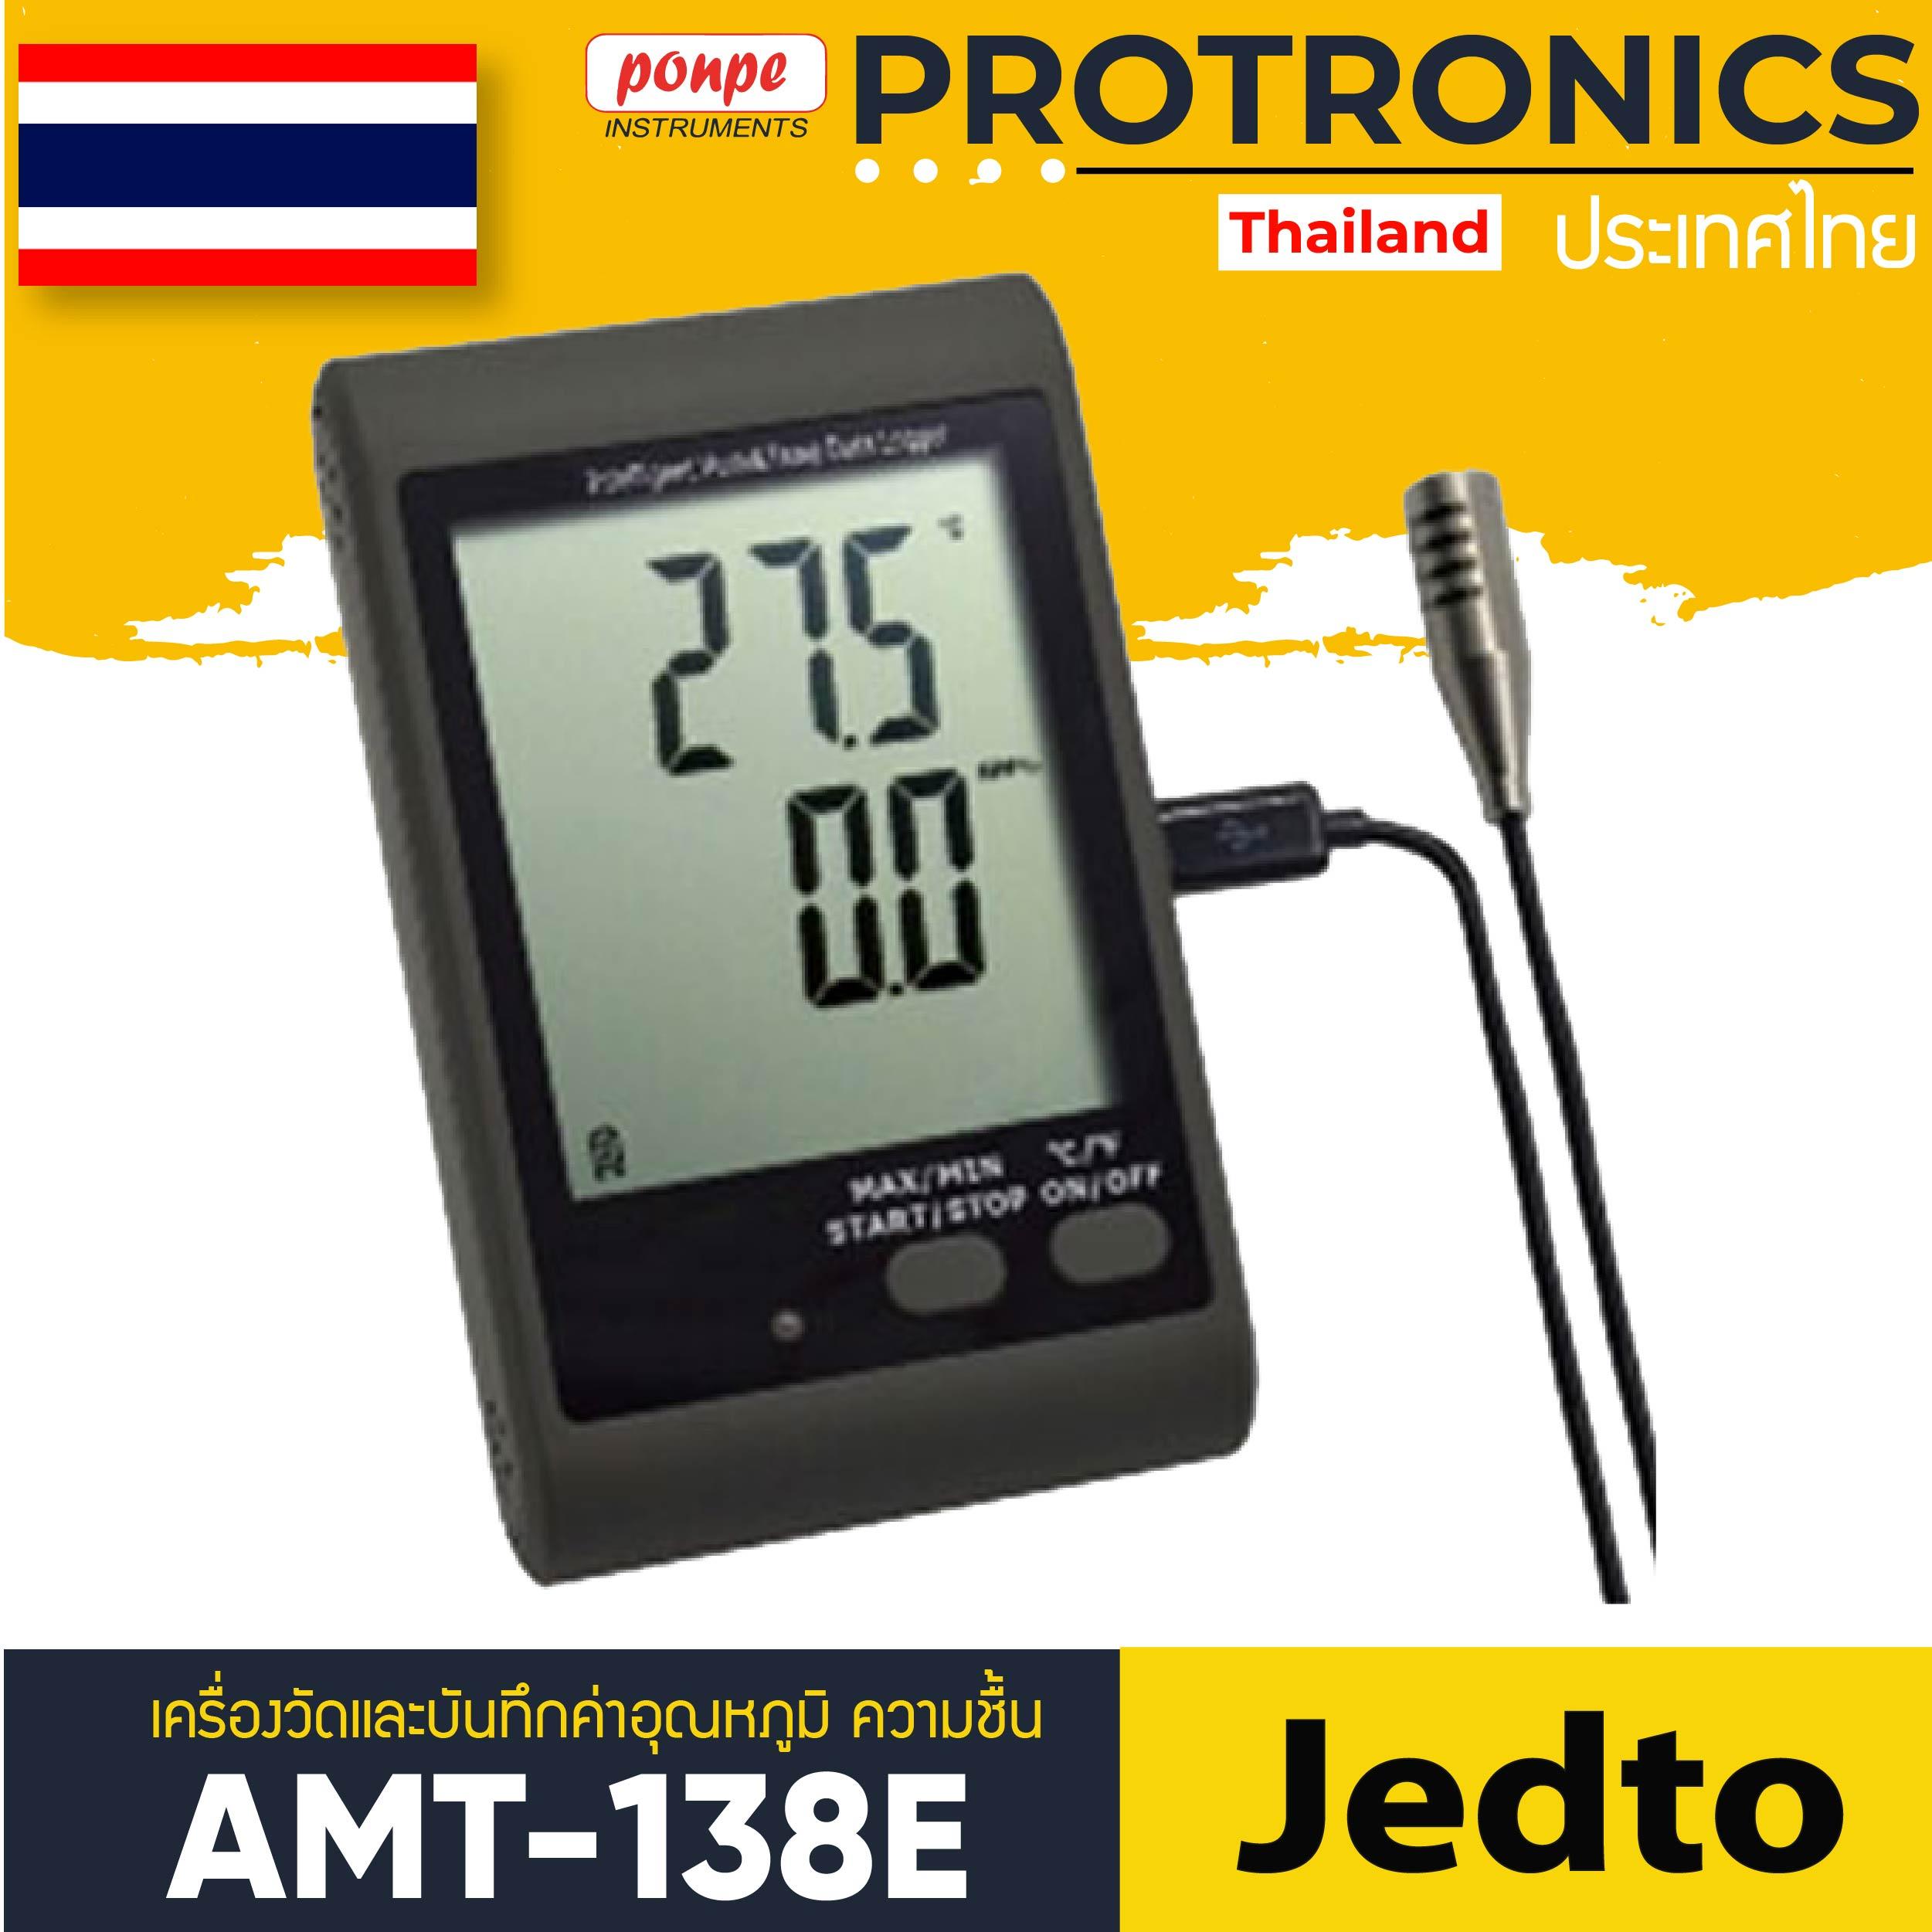 AMT-138E / JEDTO เครื่องวัดและบันทึกค่าอุณหภูมิ ความชื้น